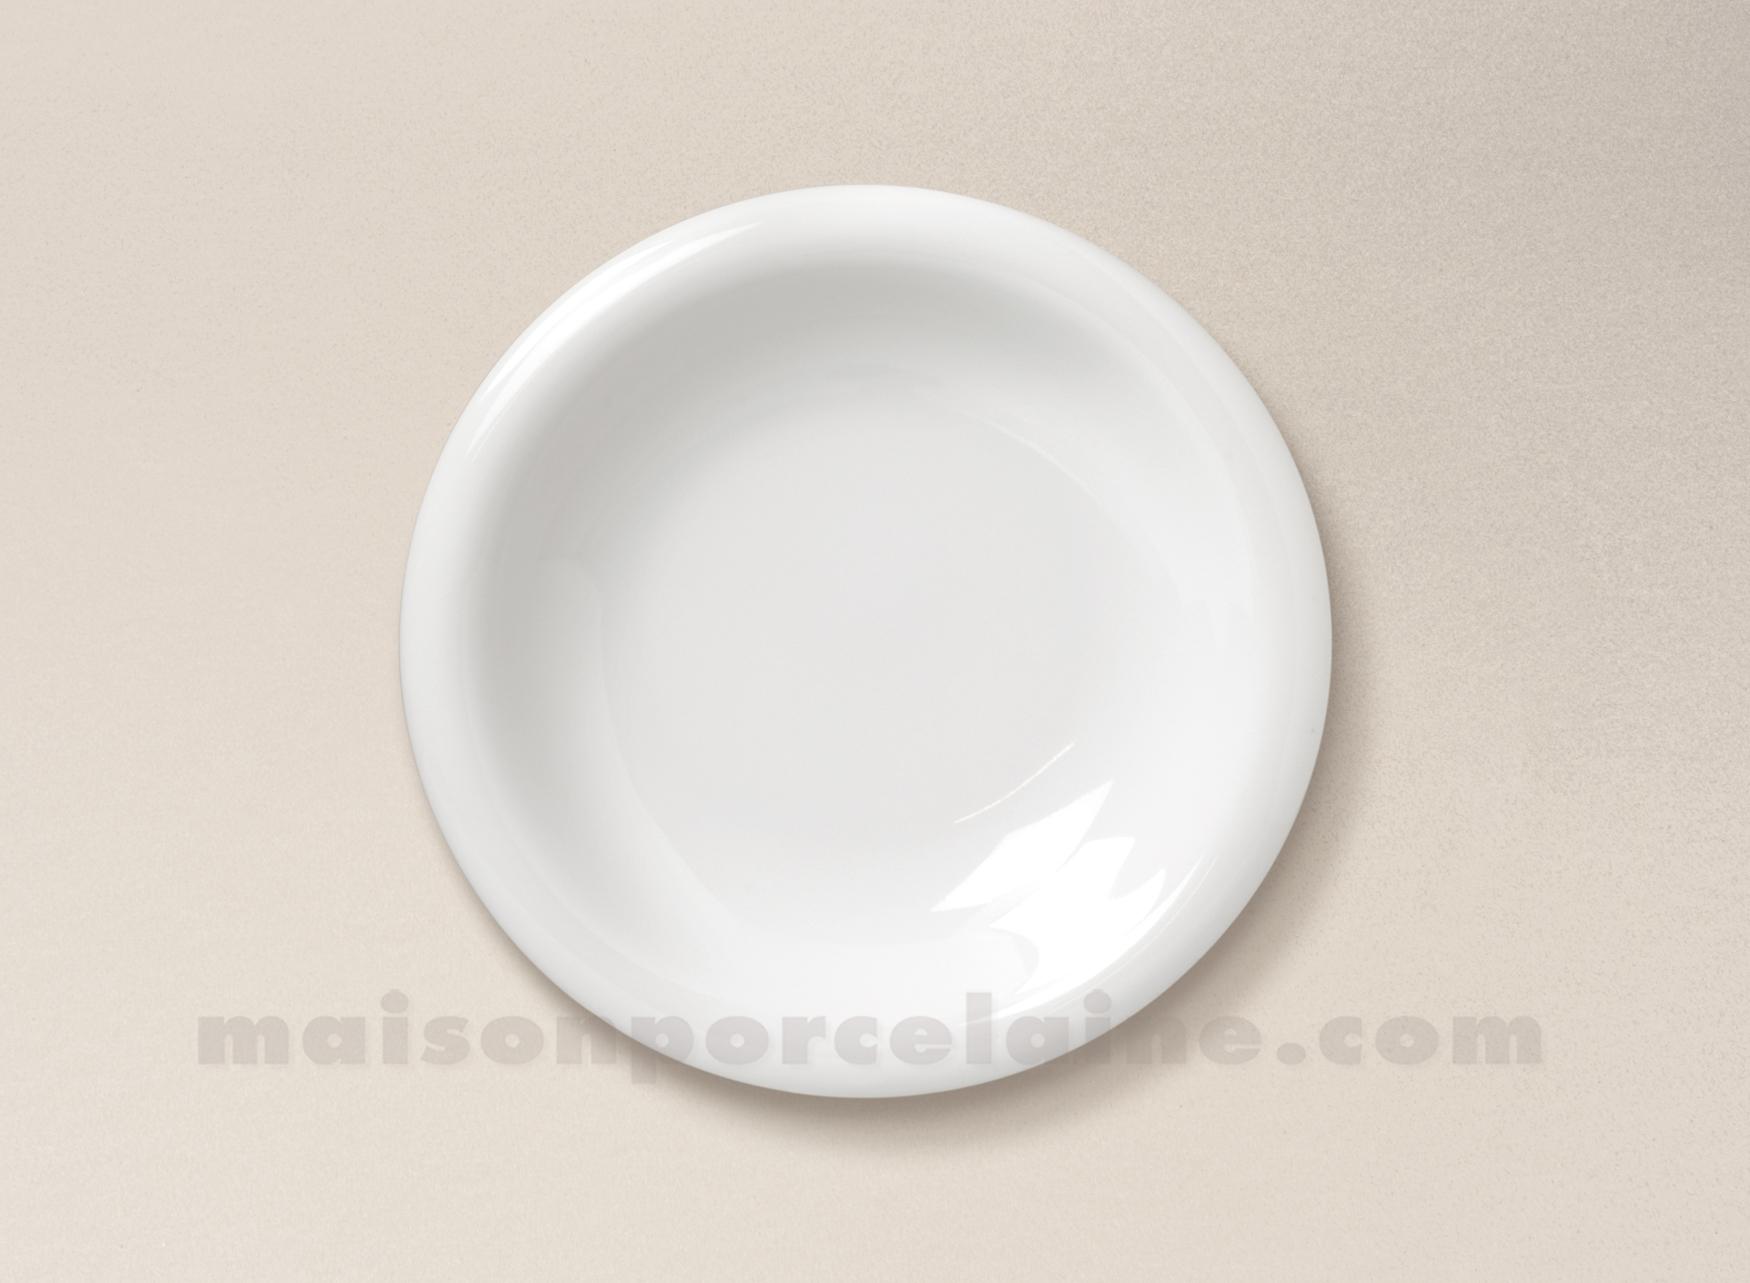 Assiette creuse porcelaine blanche ronda d22 maison de - La maison de porcelaine ...